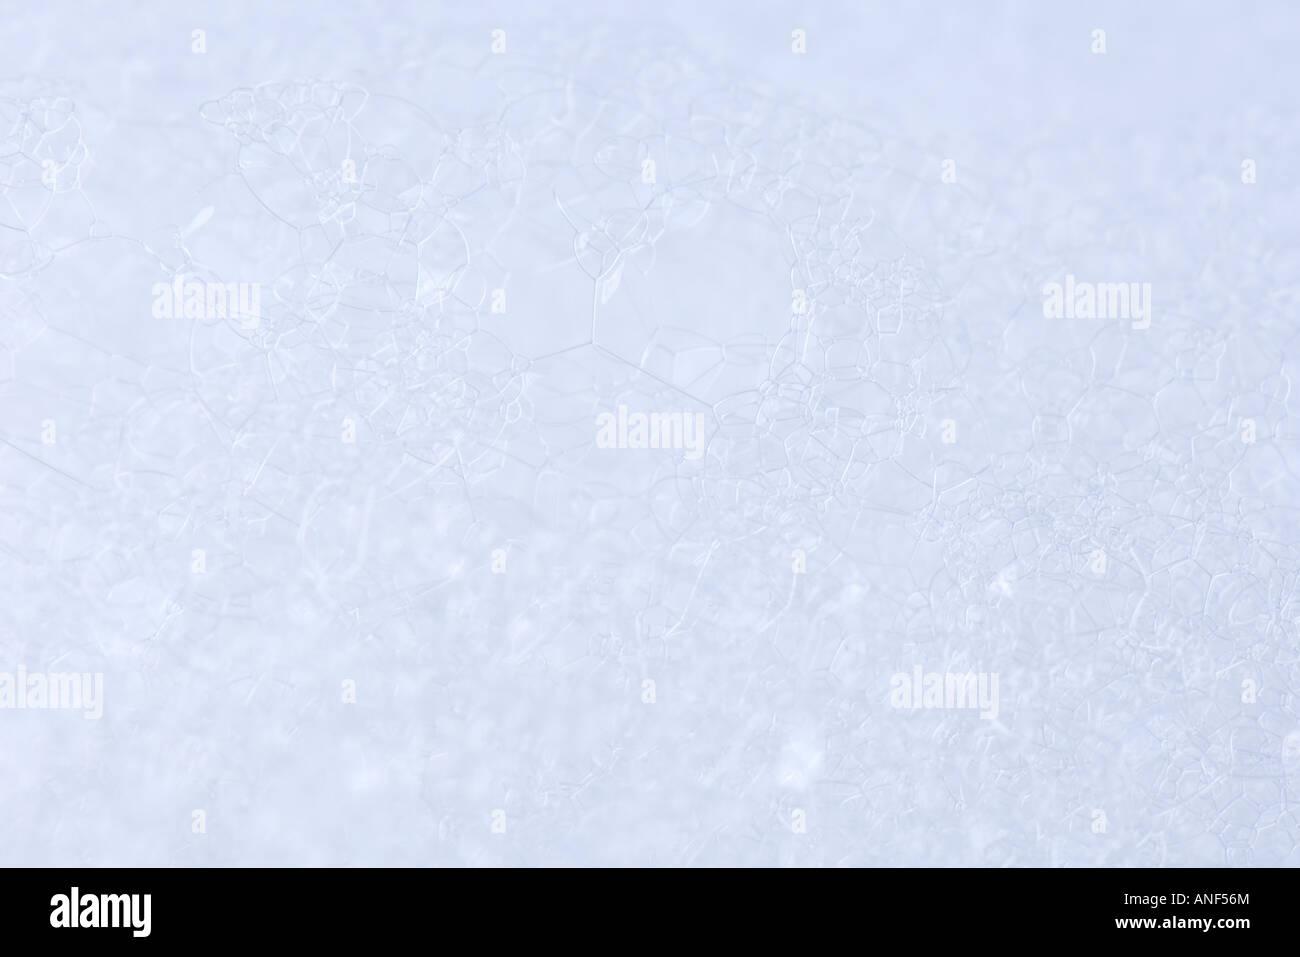 Seifenblasen, extreme Nahaufnahme Stockbild